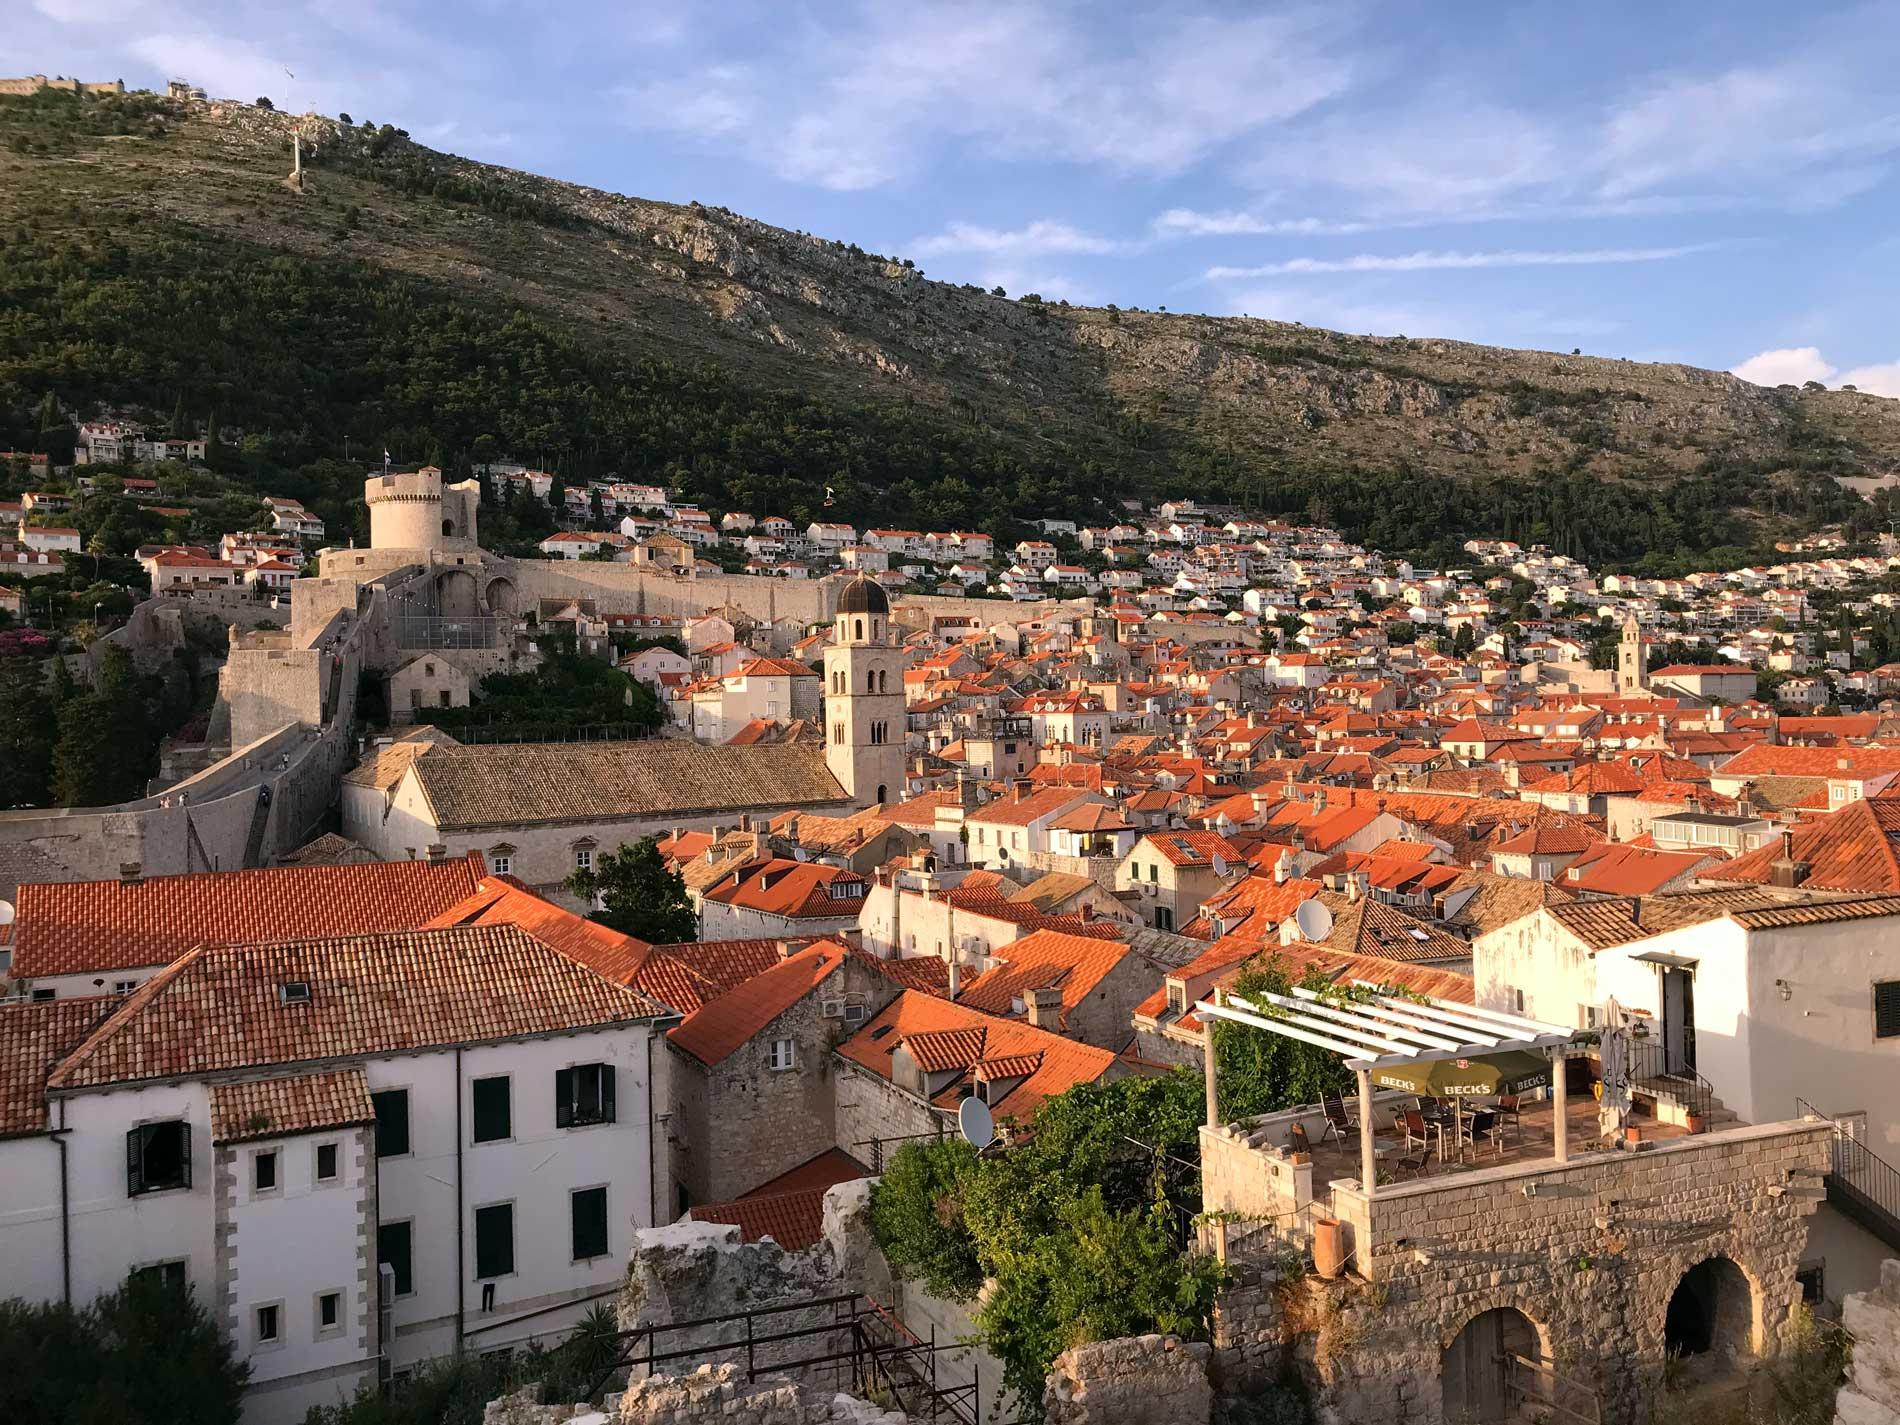 Dubrovnik-Croazia-vista-dalle-mura-Città-Vecchia-case-tetti-rossi